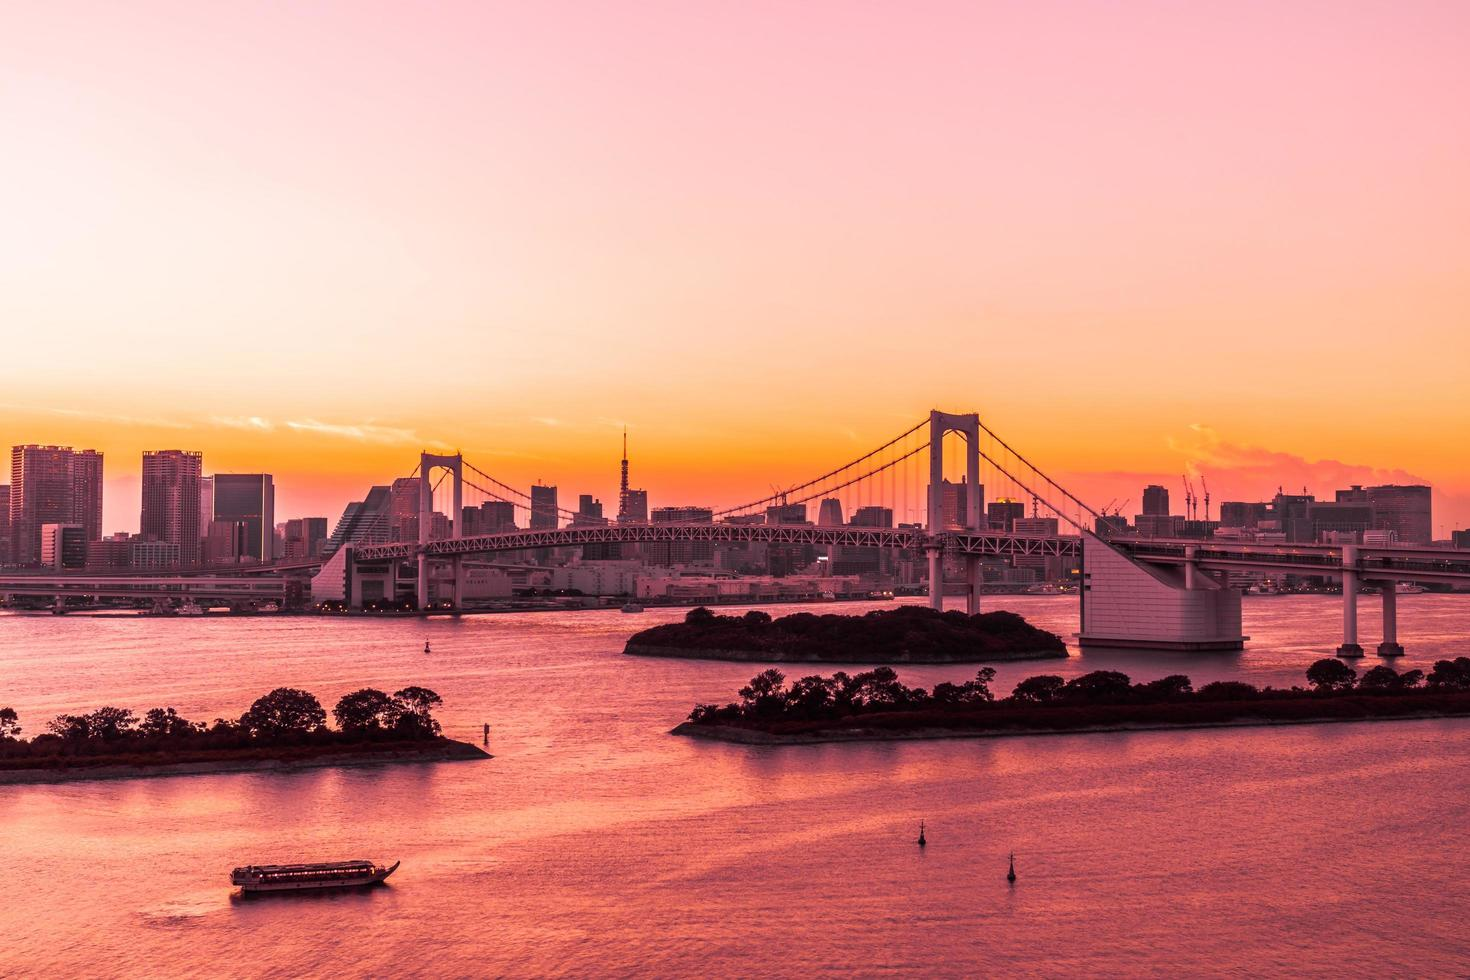 paisagem urbana da cidade de Tóquio com a ponte do arco-íris foto